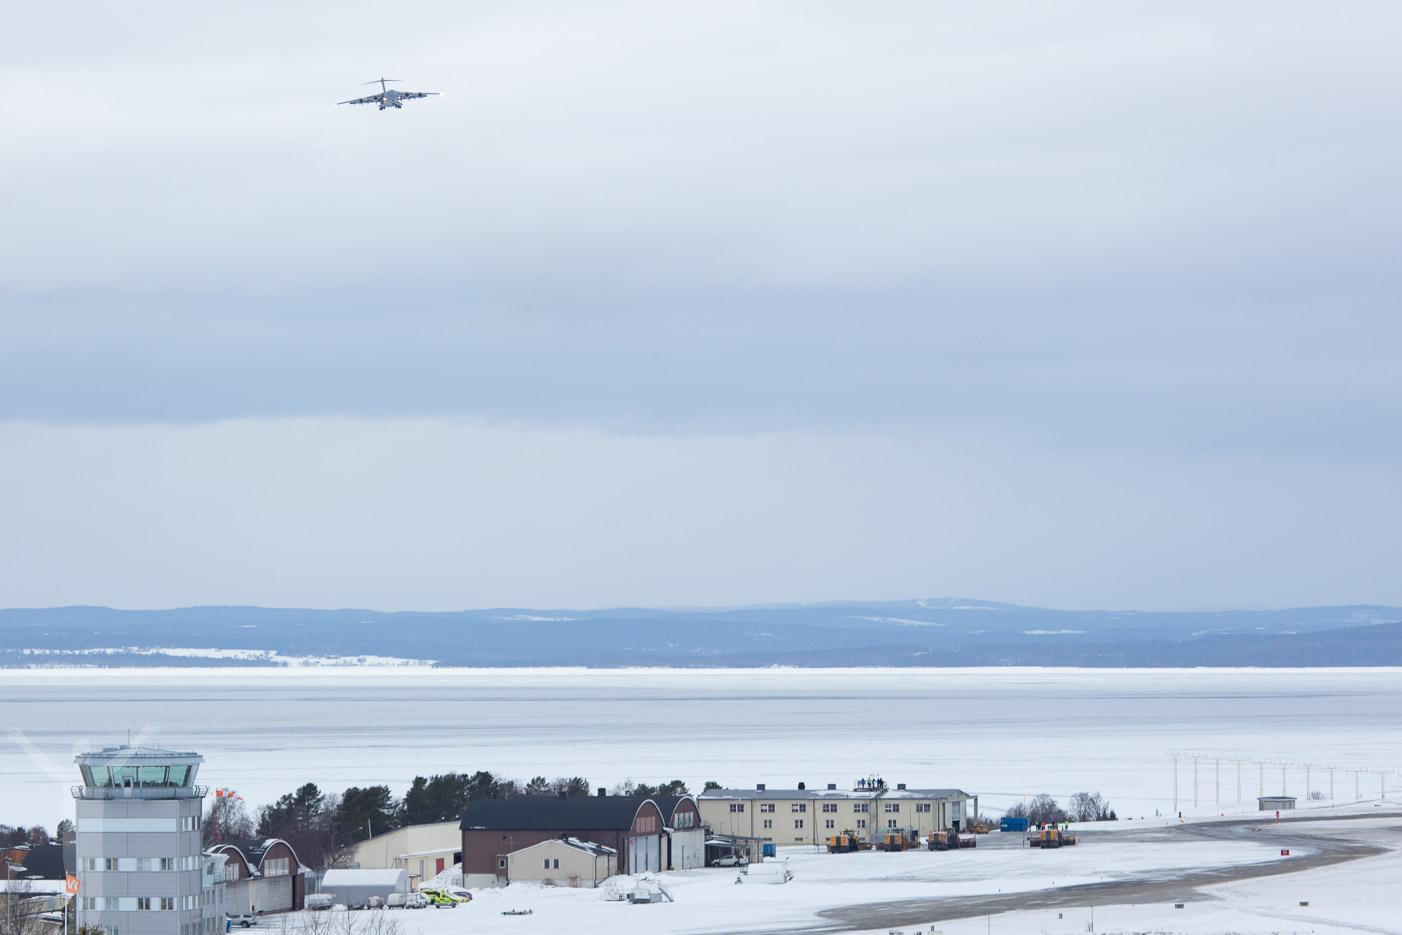 B-17 på väg in för landning